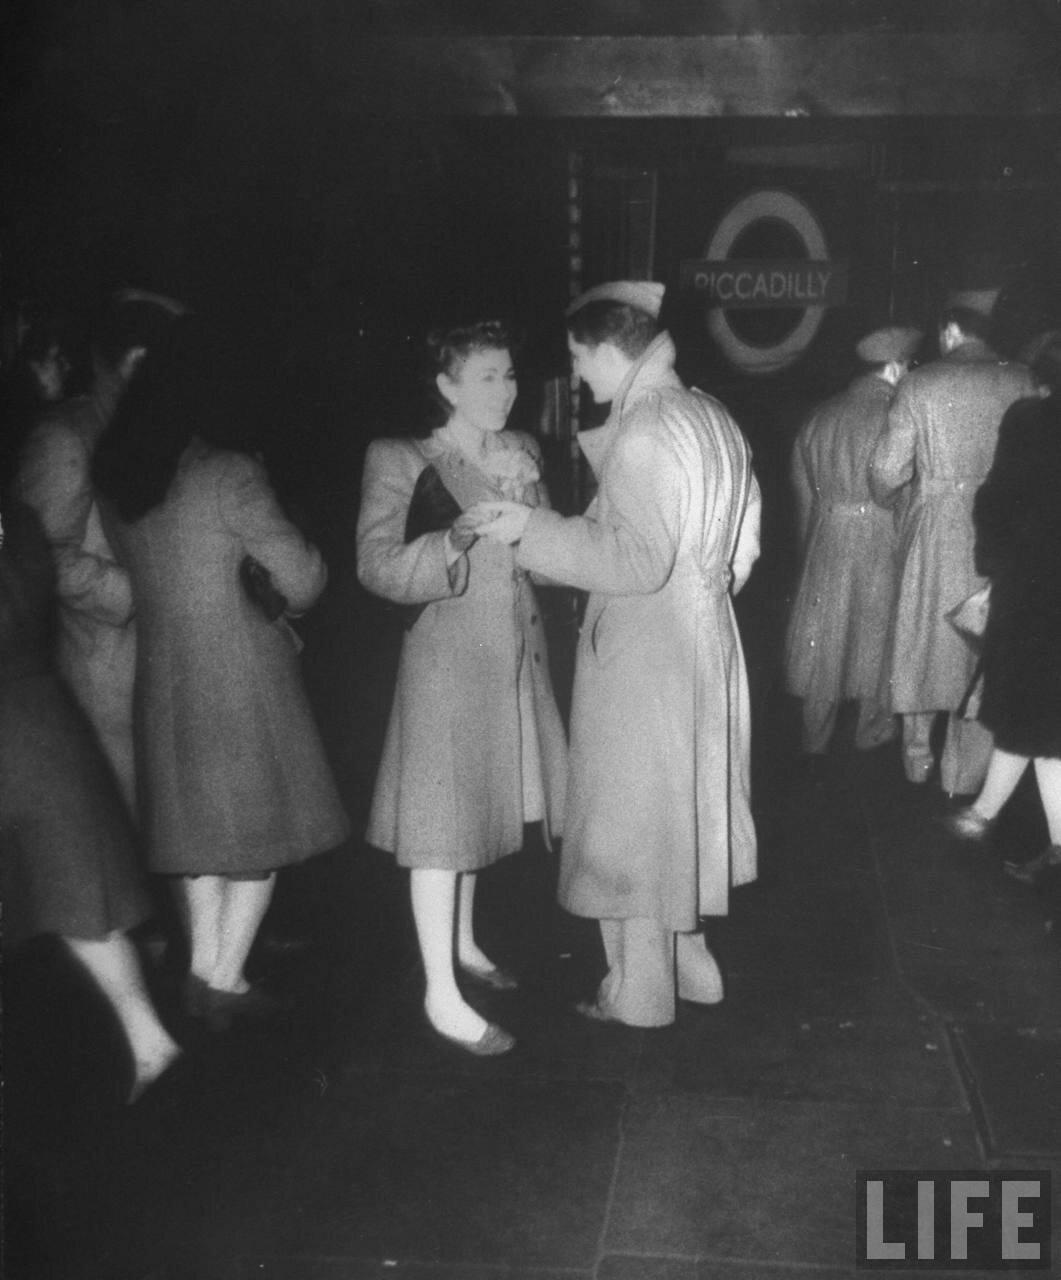 1944. Пара прощается у входа на станцию метро «Пикадилли»